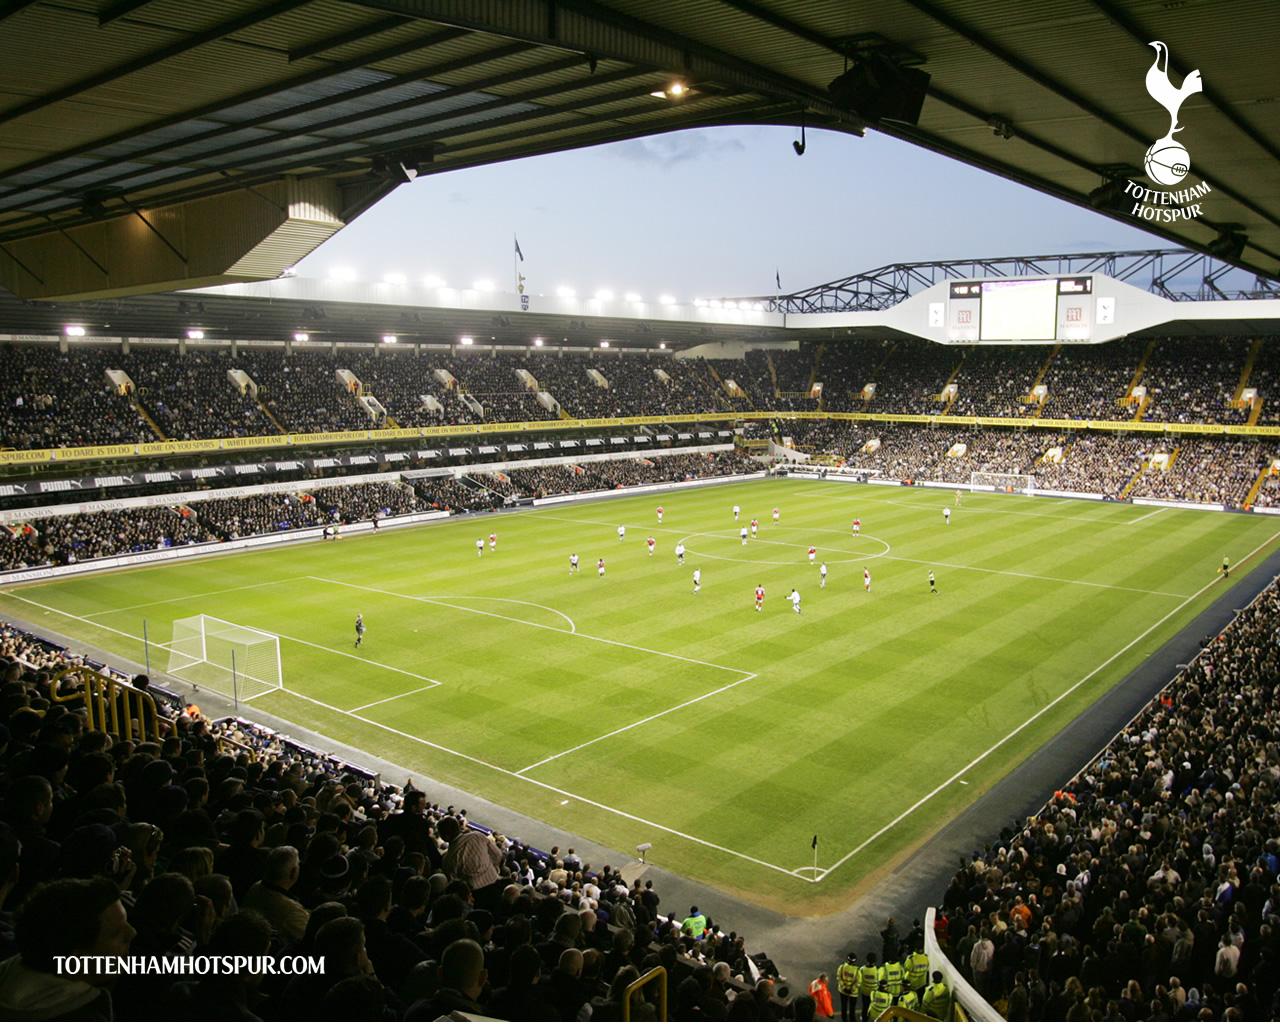 Soccer Stadium Wallpaper 1280x1024 Soccer Stadium Tottenham Hotspur 1280x1024